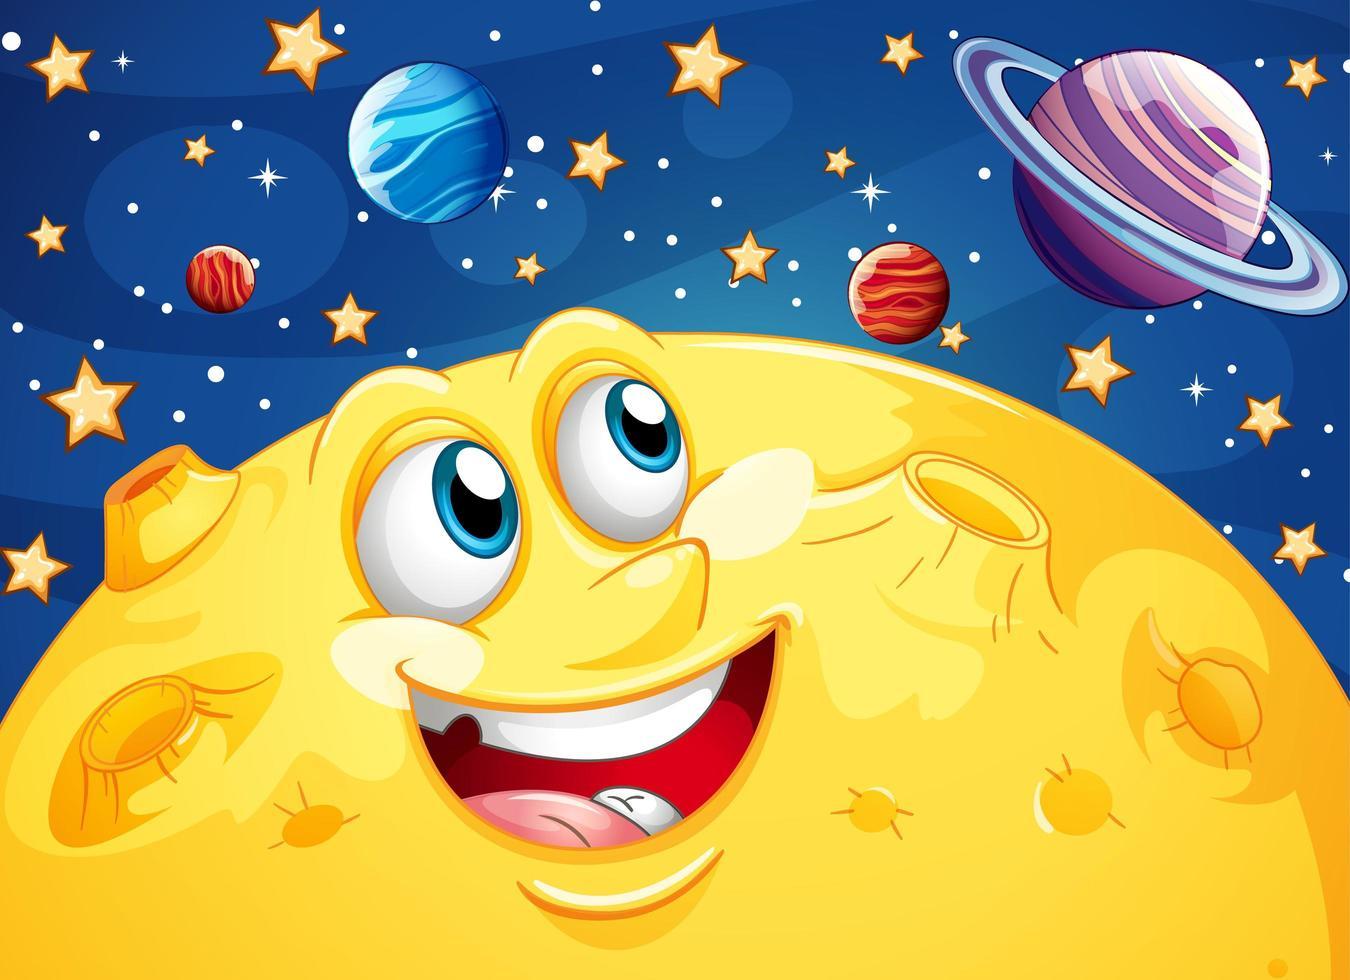 fondo de luna y galaxia de dibujos animados feliz vector